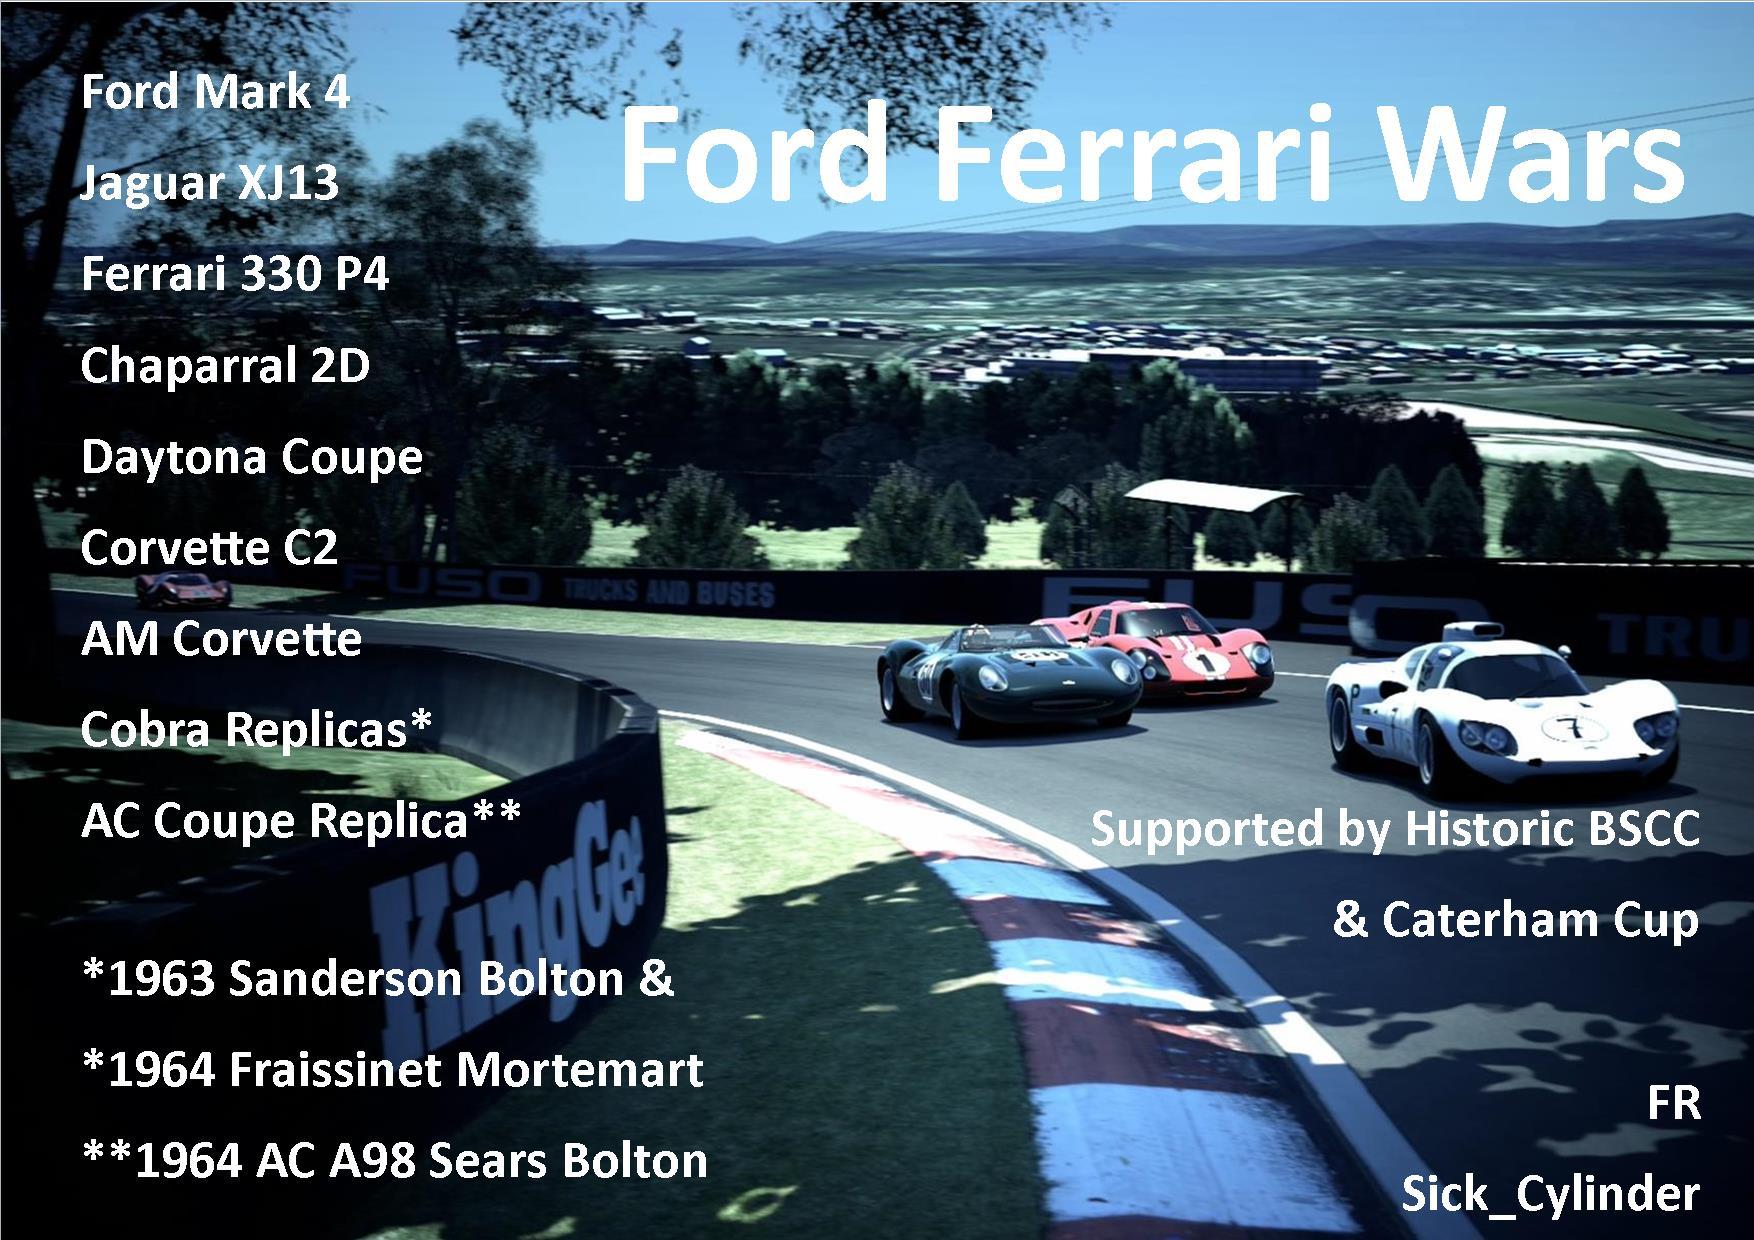 Ford Ferrari Wars Total Poster.jpg